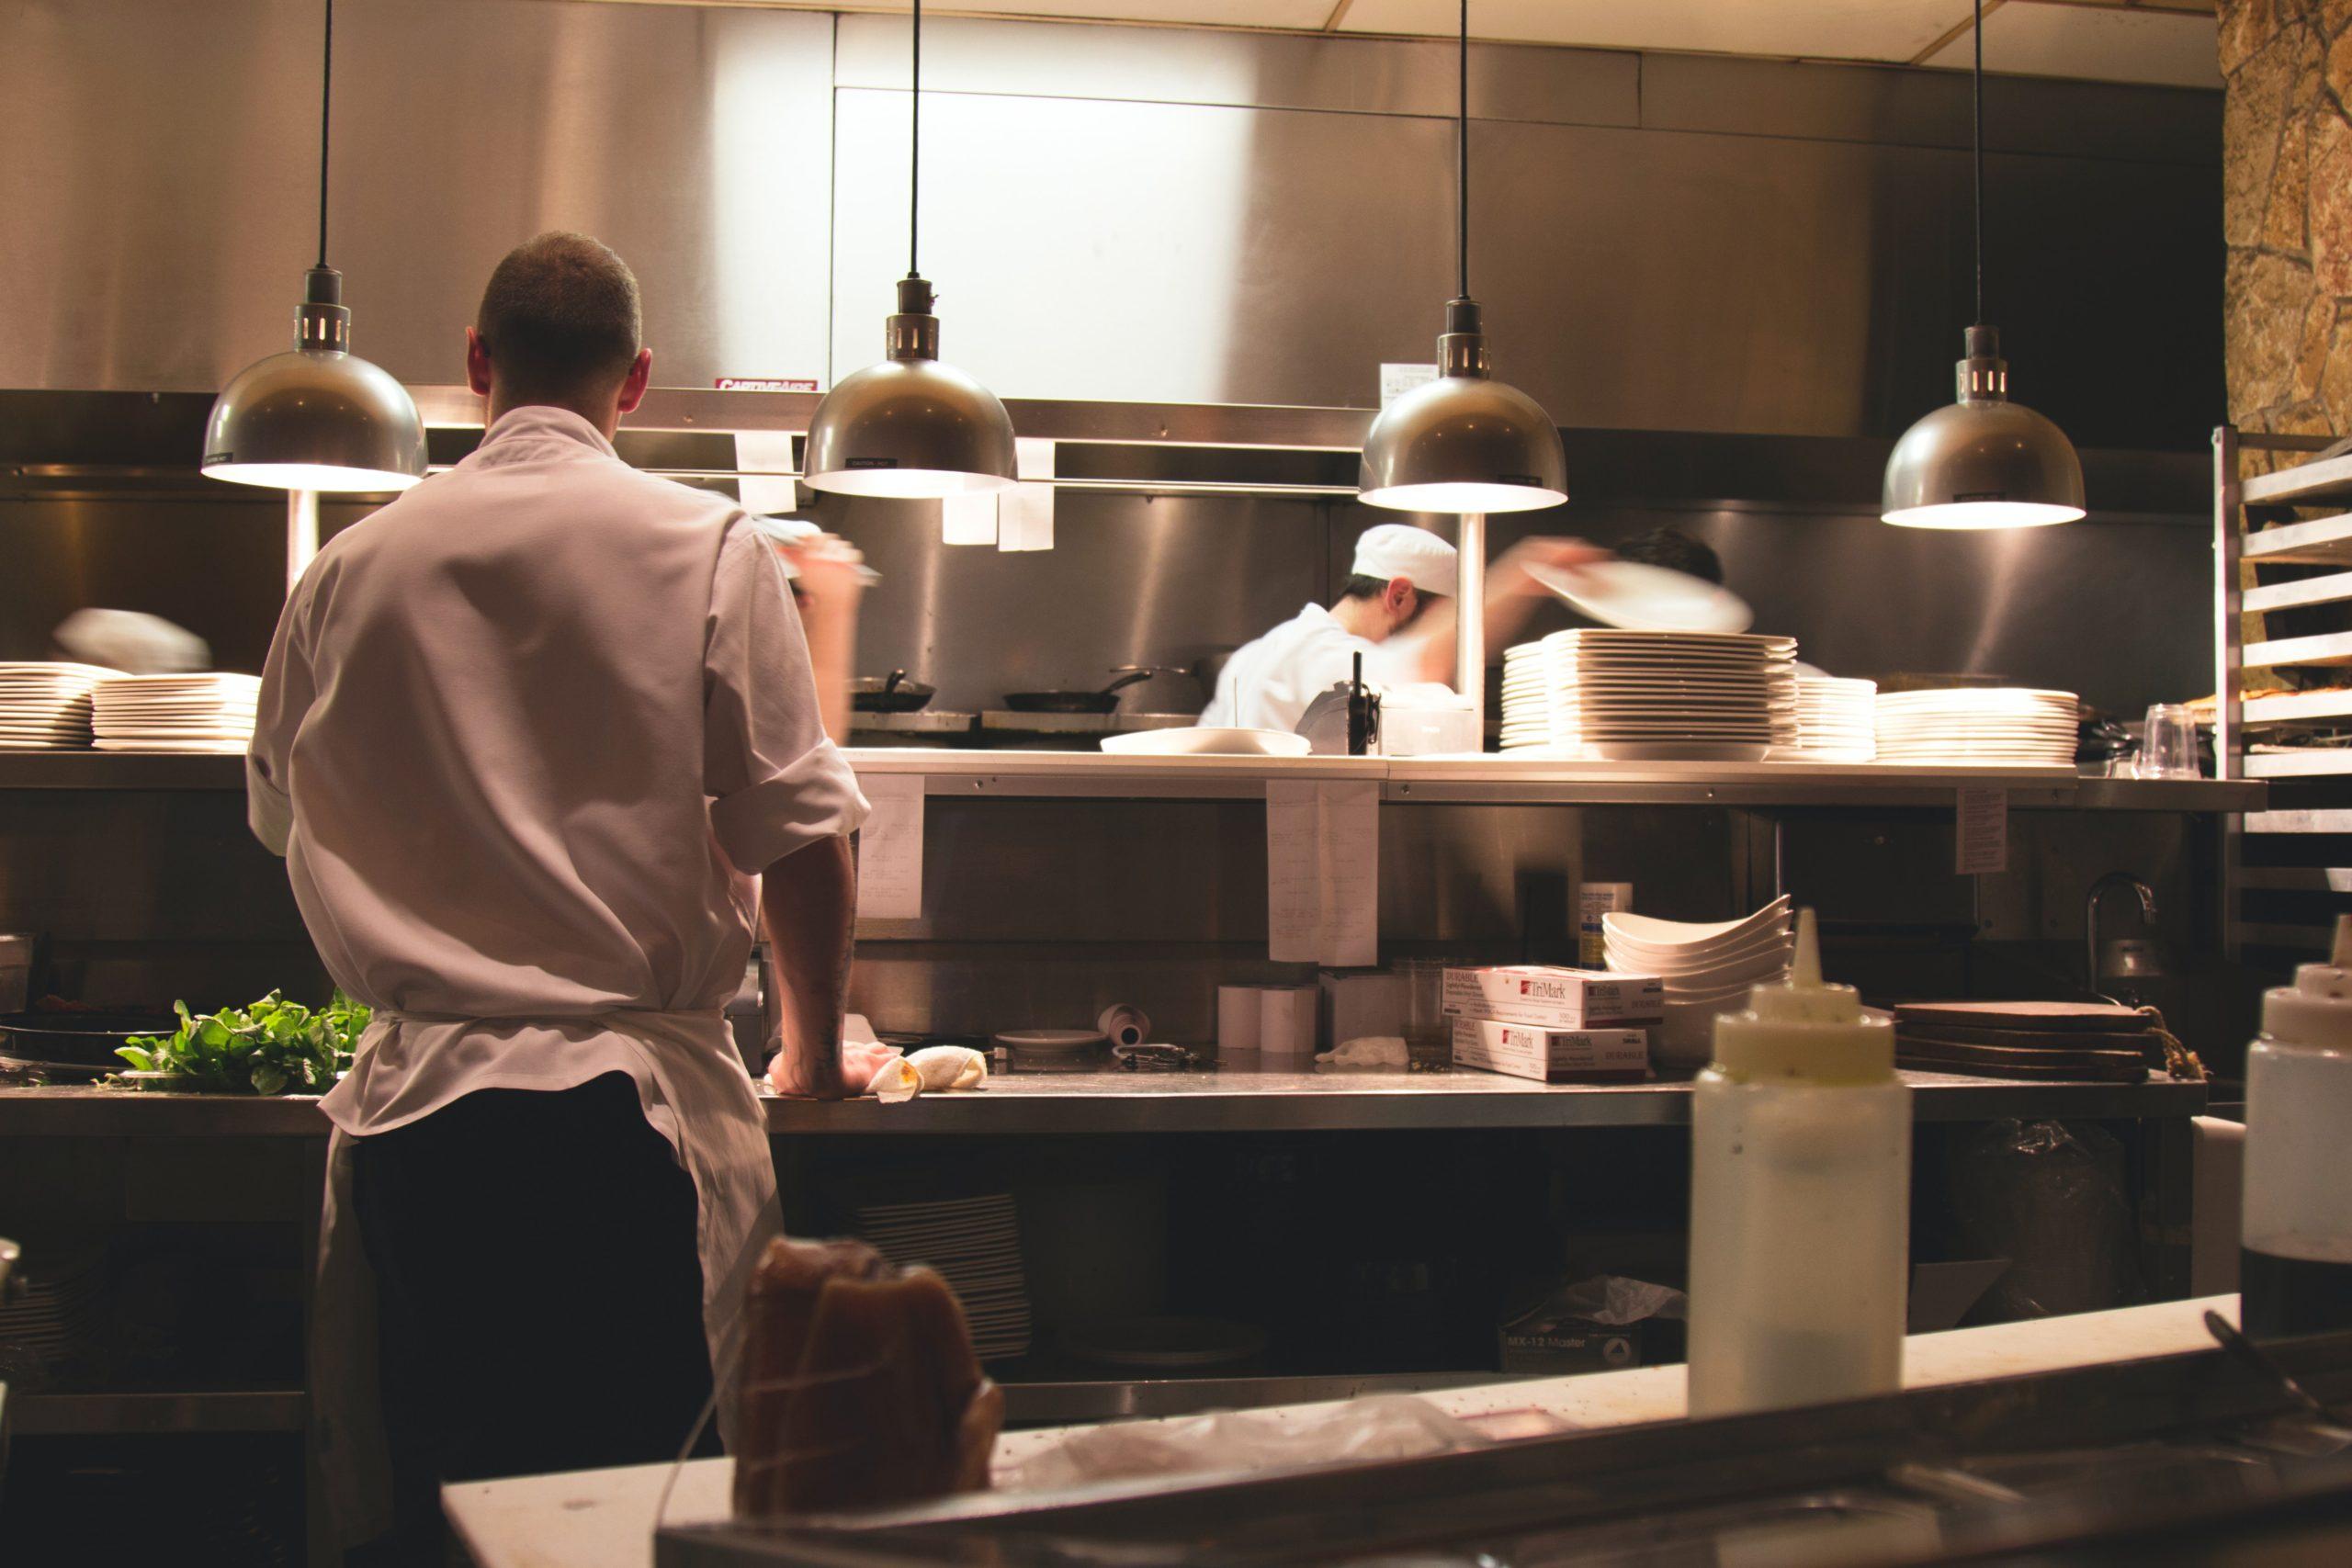 Chef in restaurant kitchen.